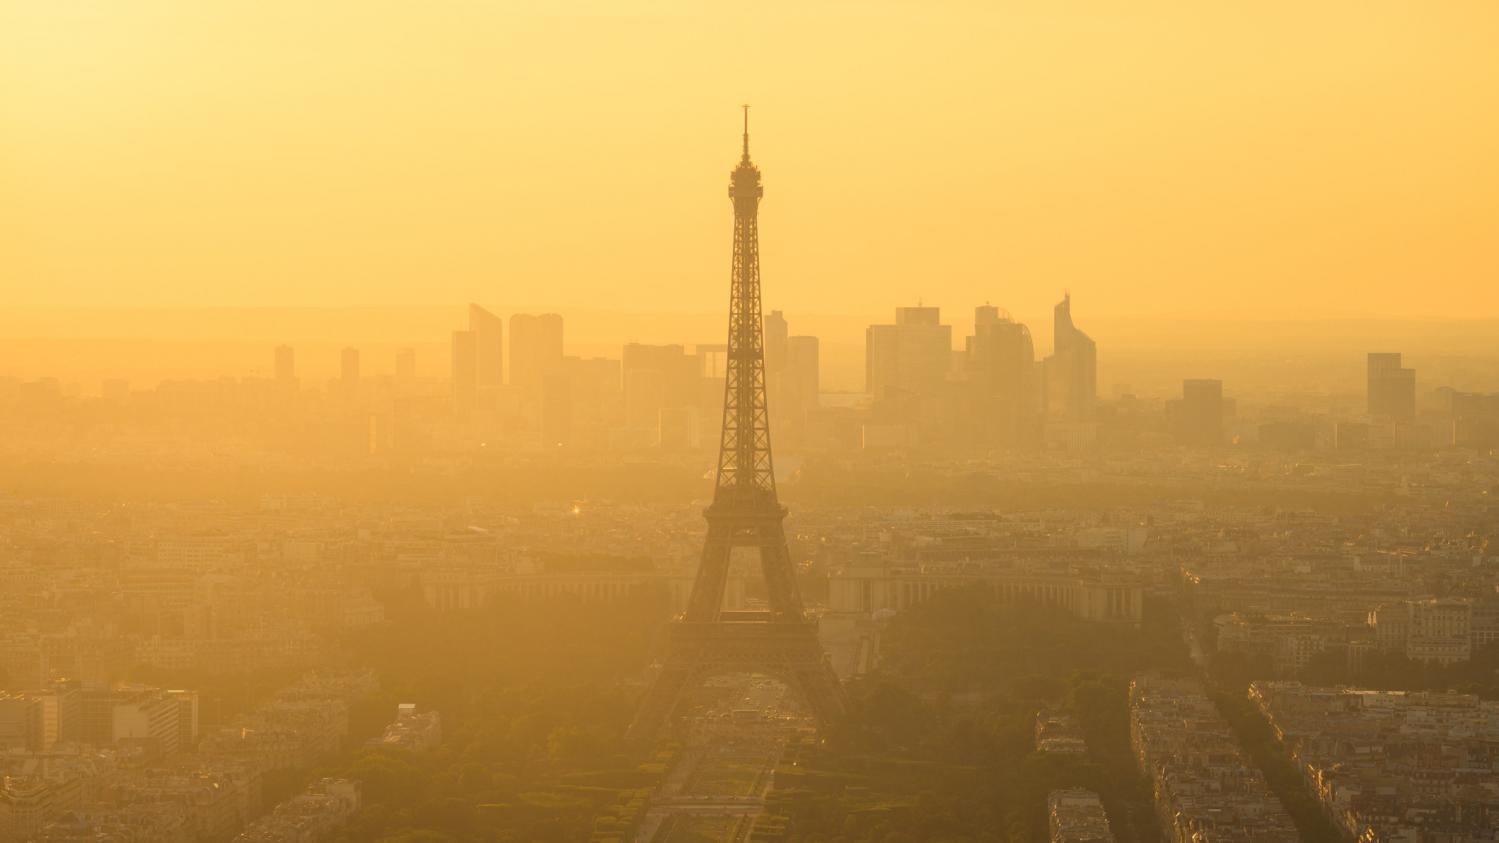 Ma ville demain. Pollution, bruit : la ville peut nuire à votre santé